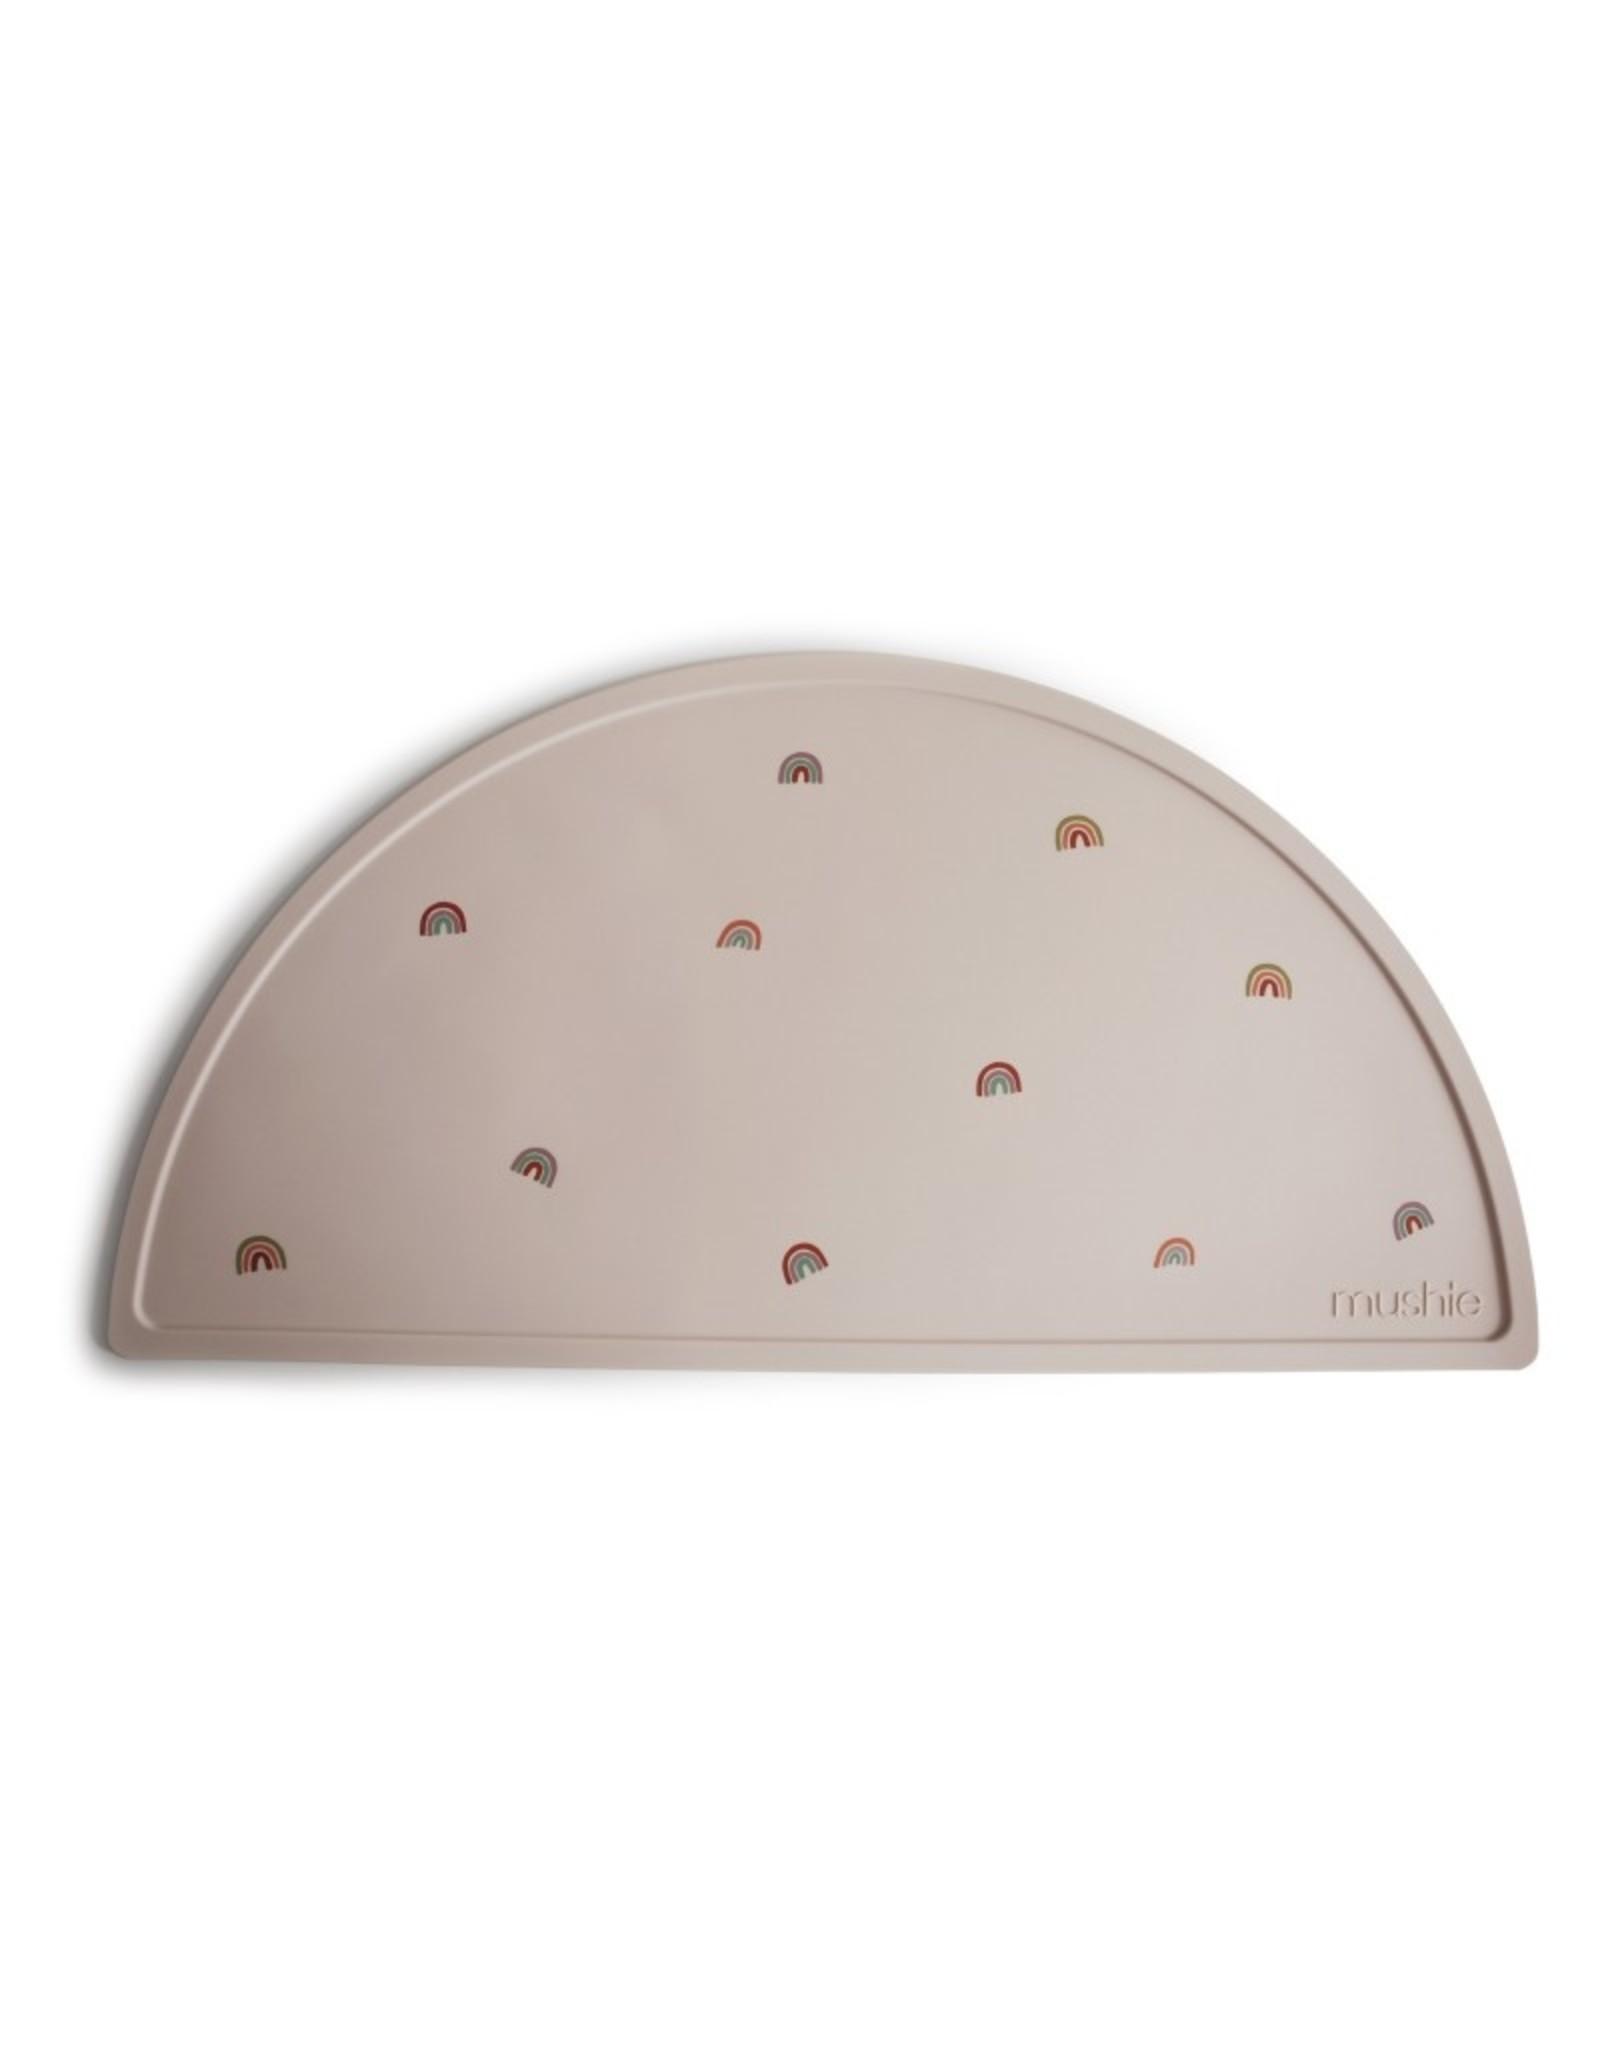 BIBS / mushie Set de table en silicone - arc en ciel